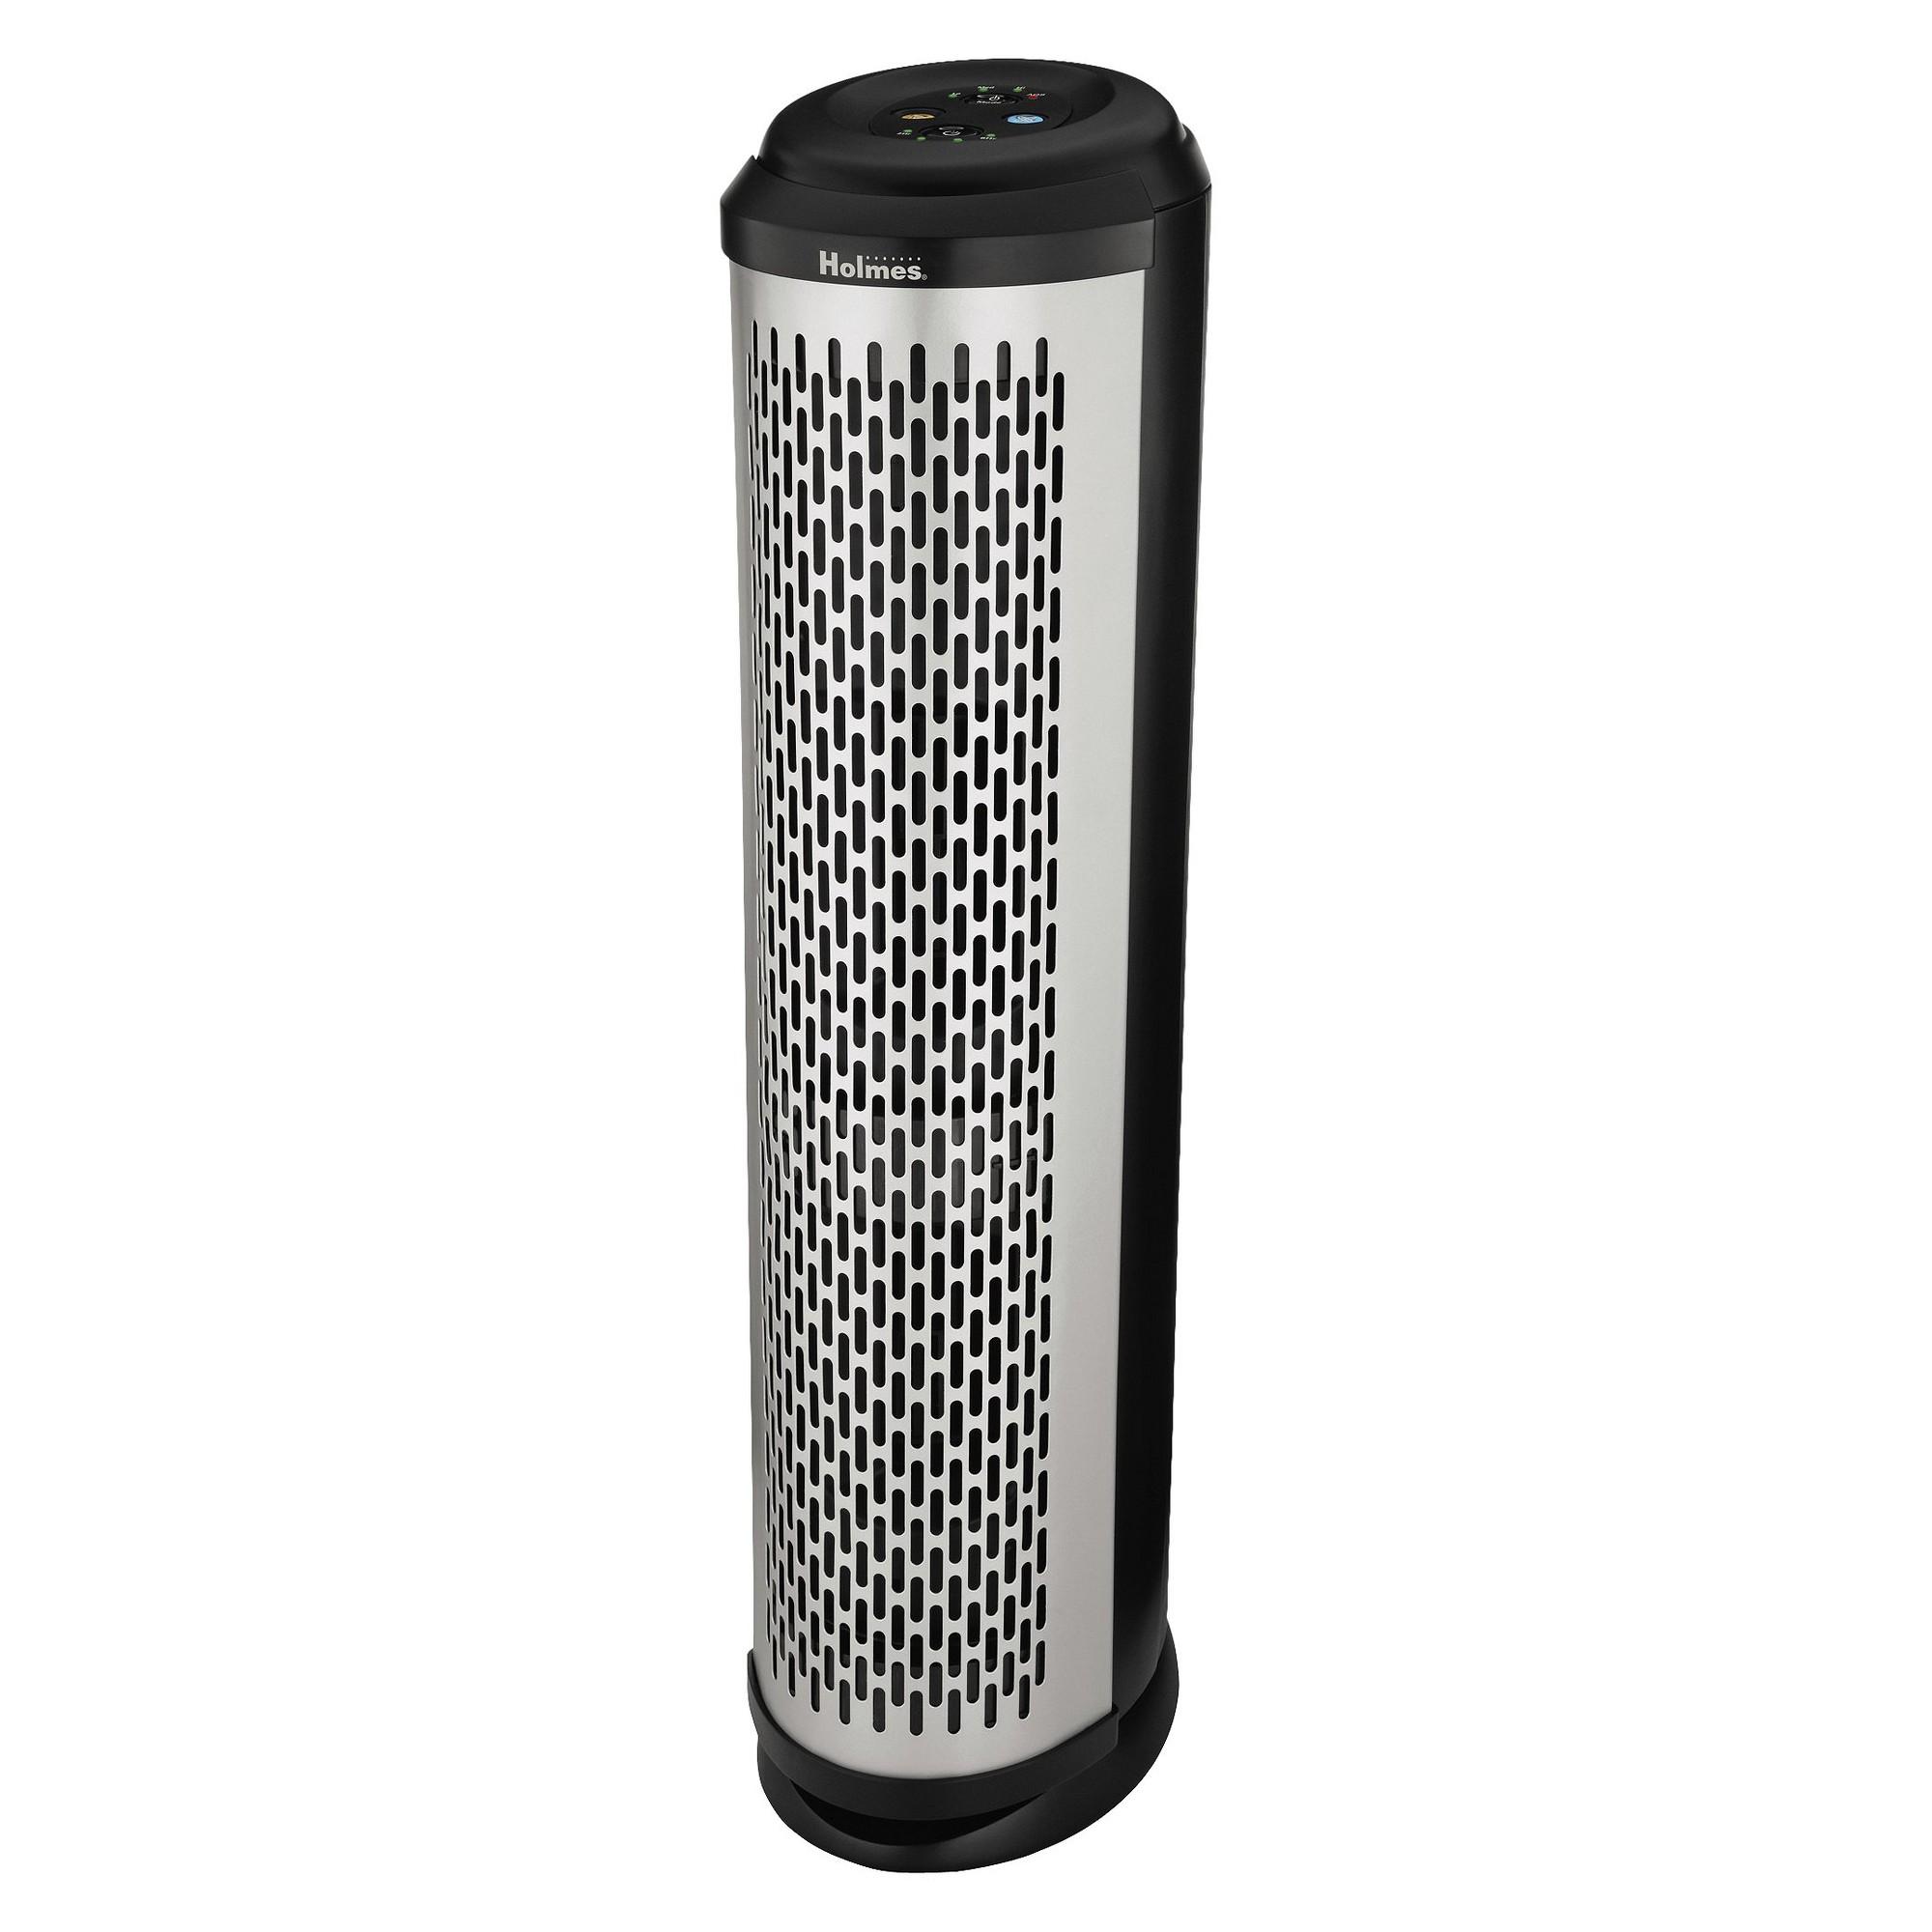 Holmes Allergen Tower Air Purifier HAP1702TU, White Air